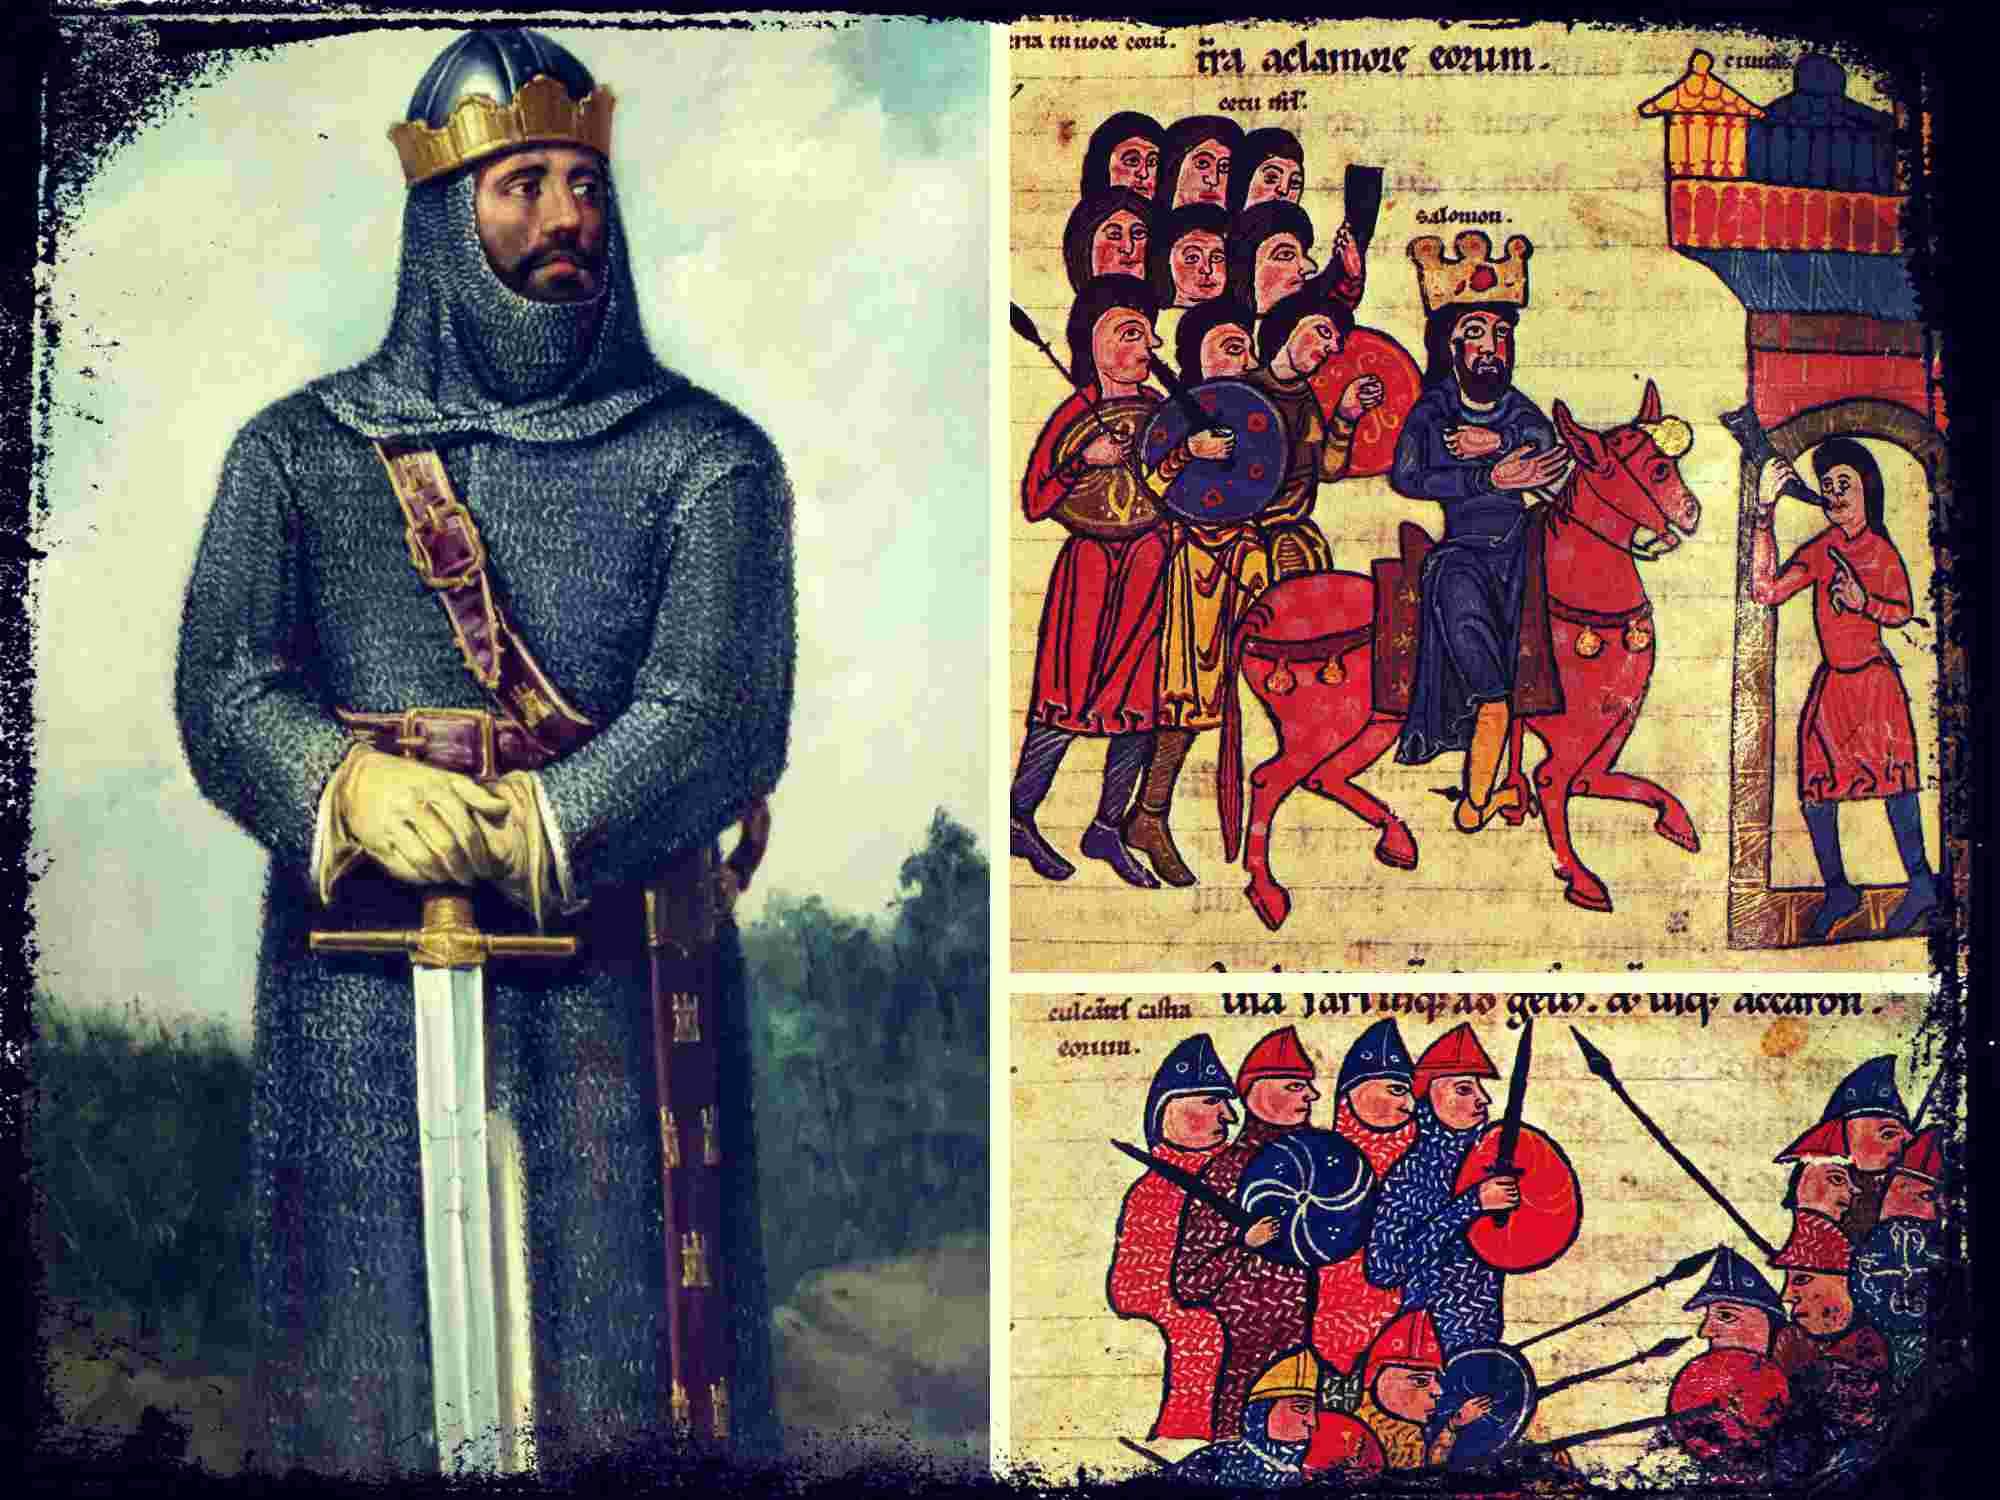 Alfonso VII de León, el Emperador